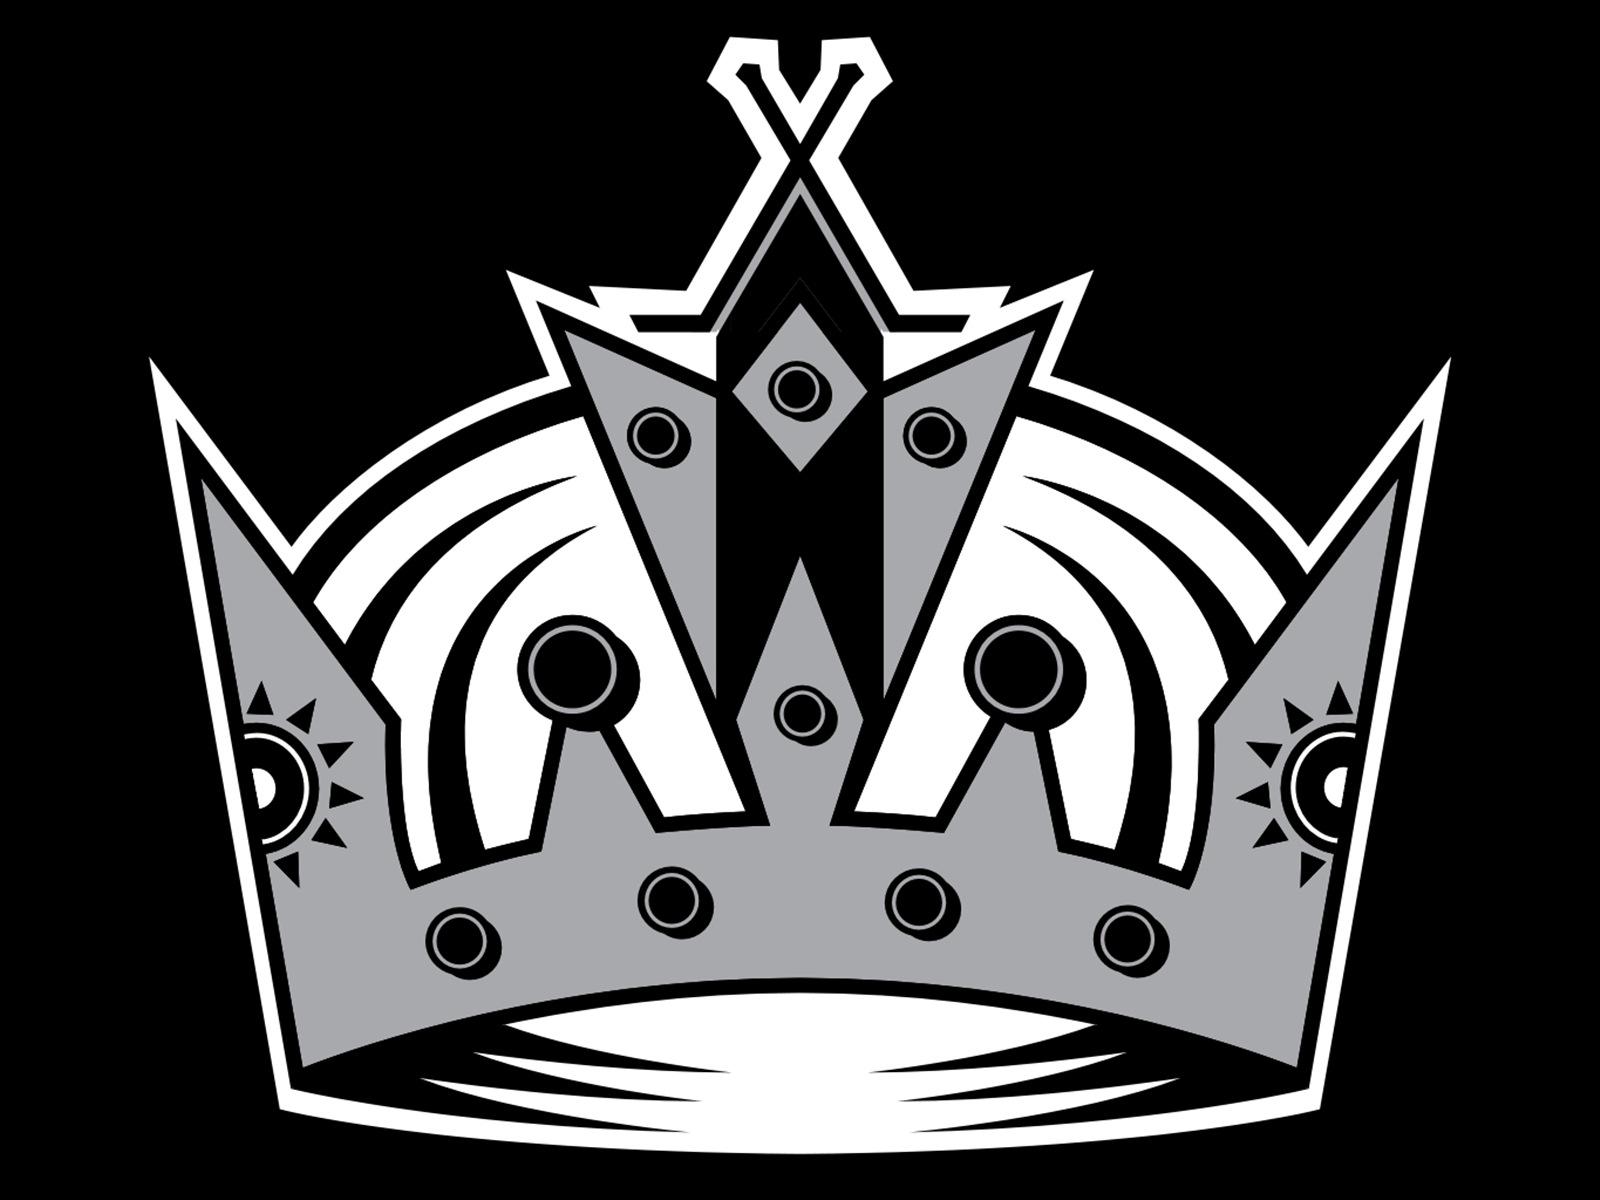 Los Angeles Kings Wallpapers Sports Hq Los Angeles Kings